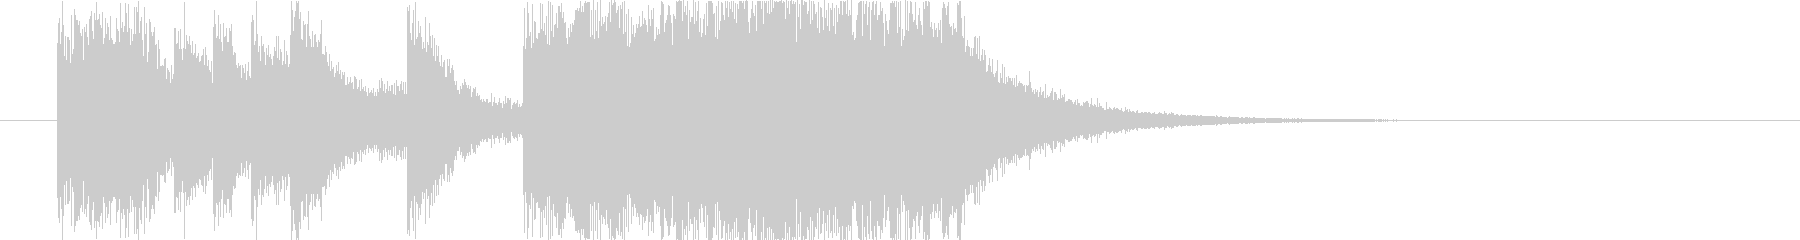 派手なオーケストラ風ファンファーレの未再生の波形